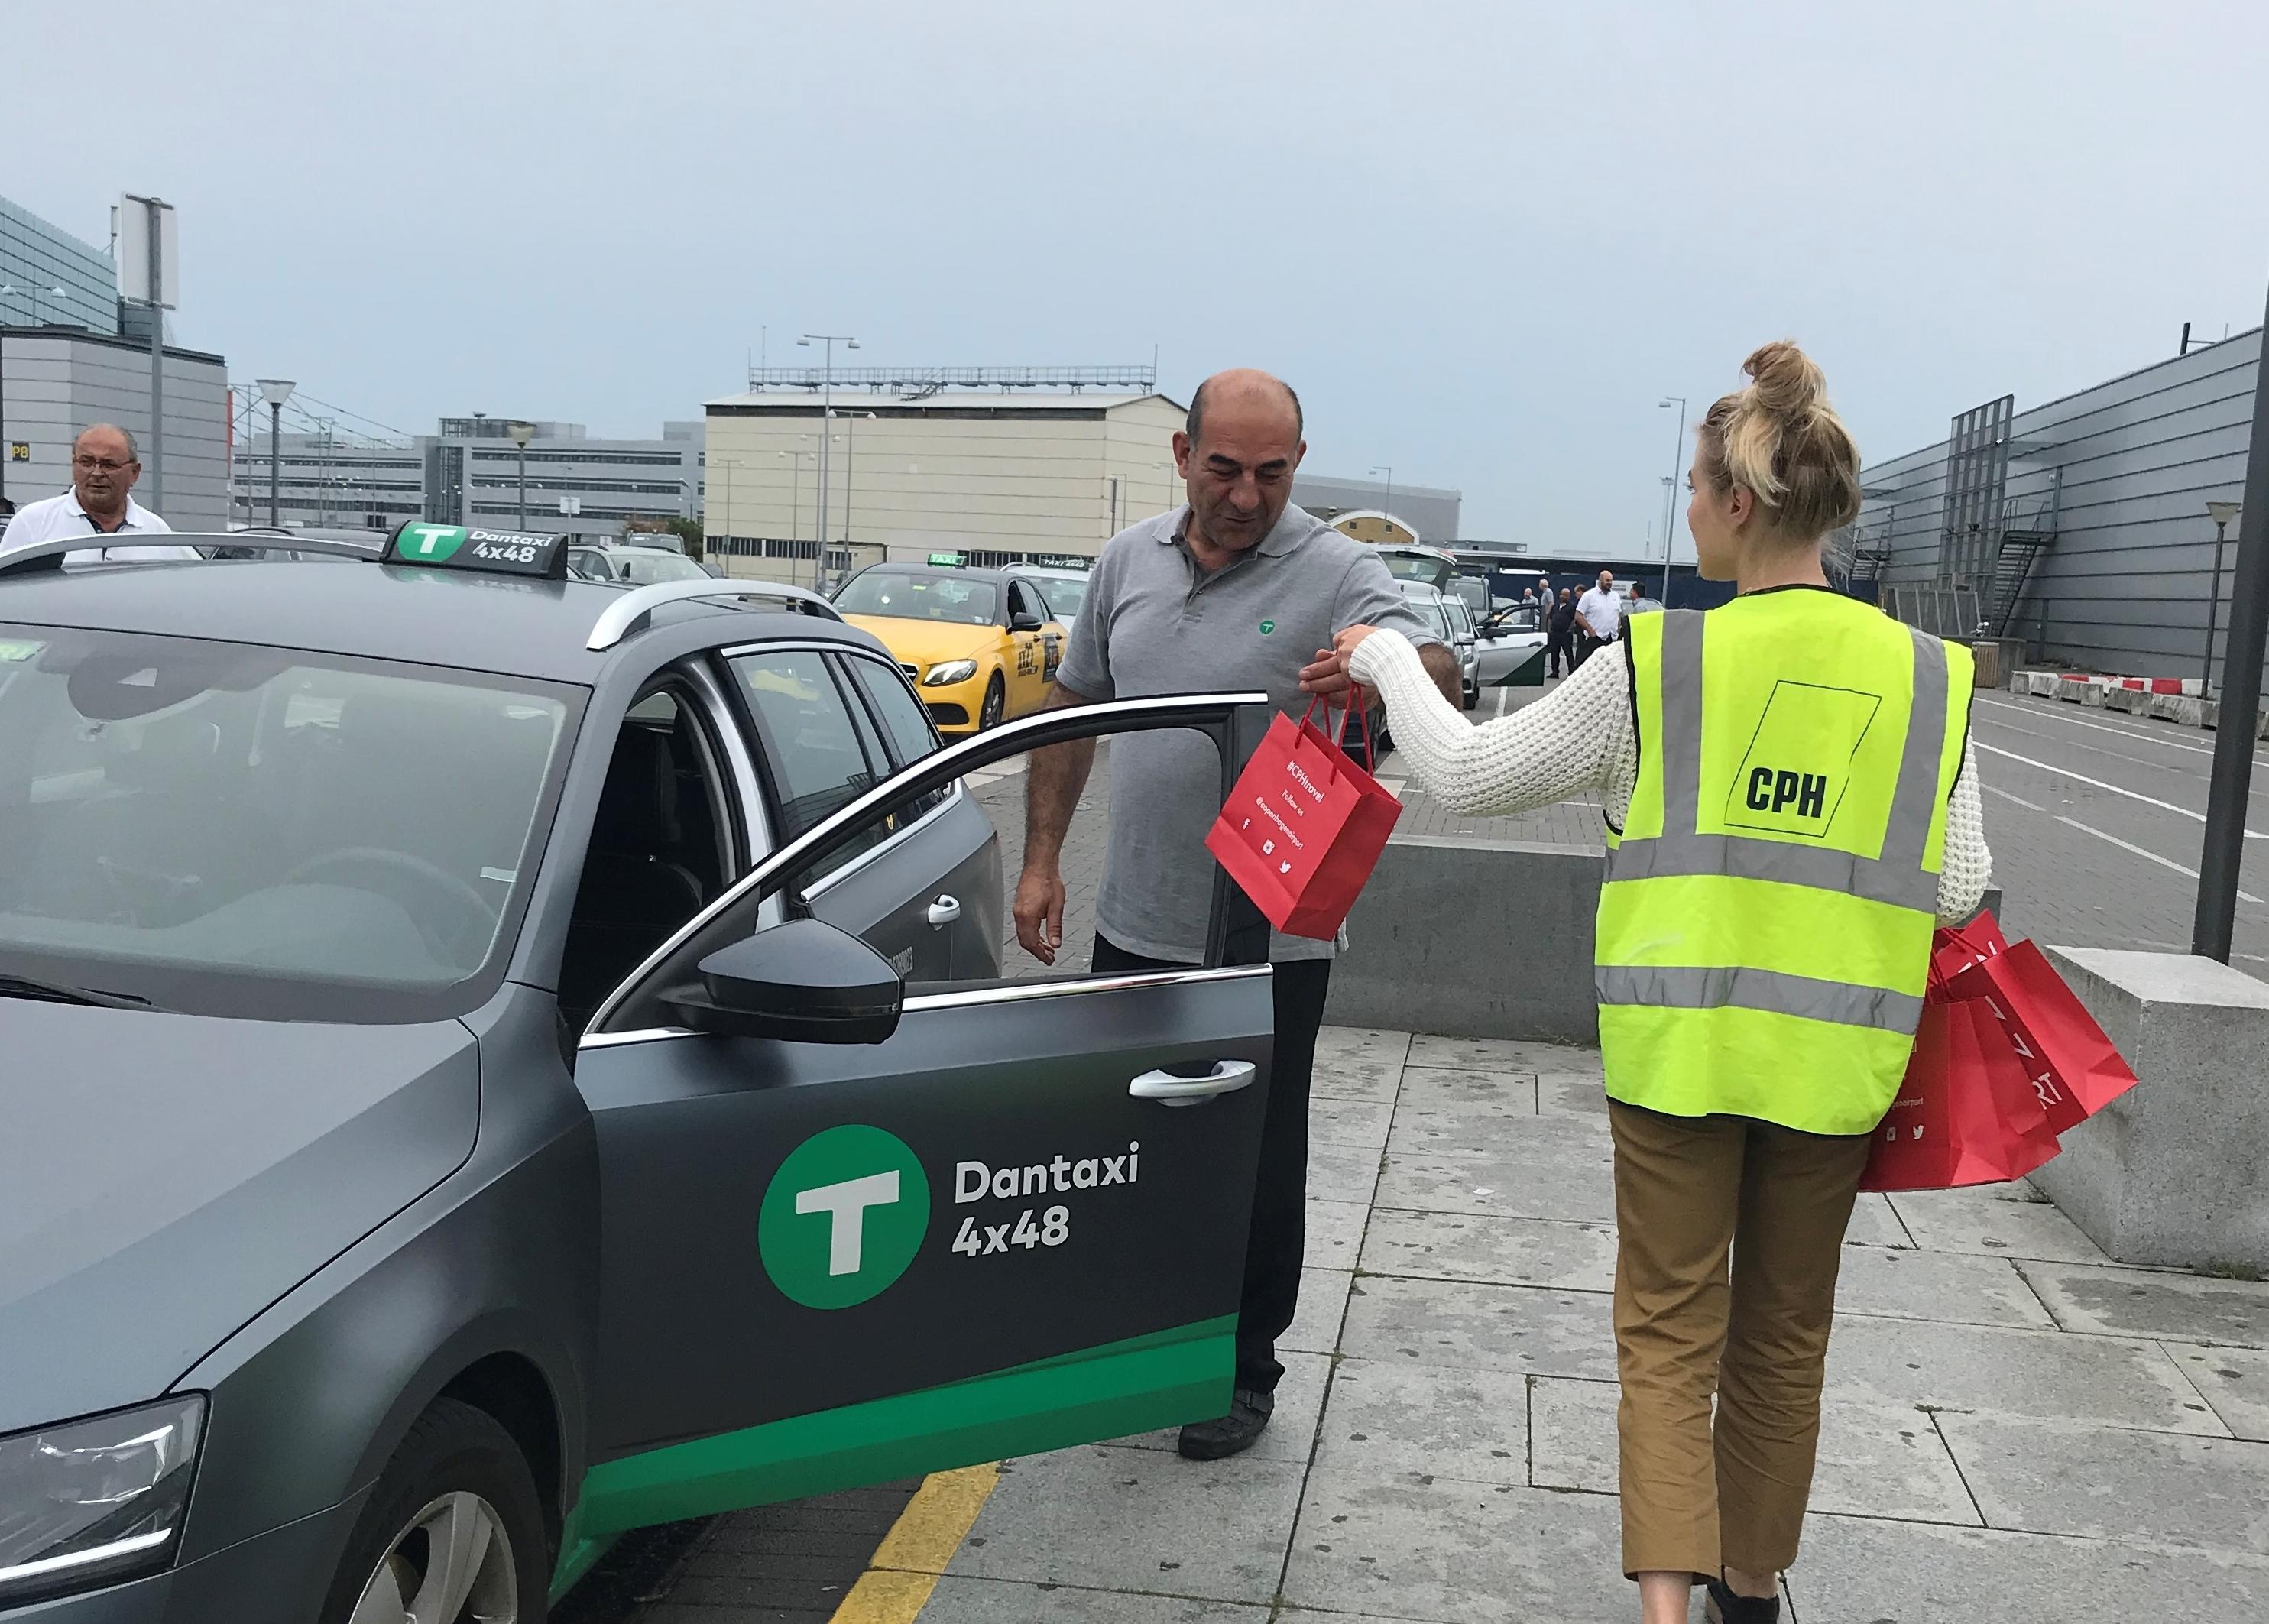 Dantaxi, det største taxiselskab i Region Hovedstaden og i Danmark, har haft ekstra kørsler mellem landsdele i Danmark som følge af SAS' pilotstrejke. Arkivfoto fra Københavns Lufthavn.